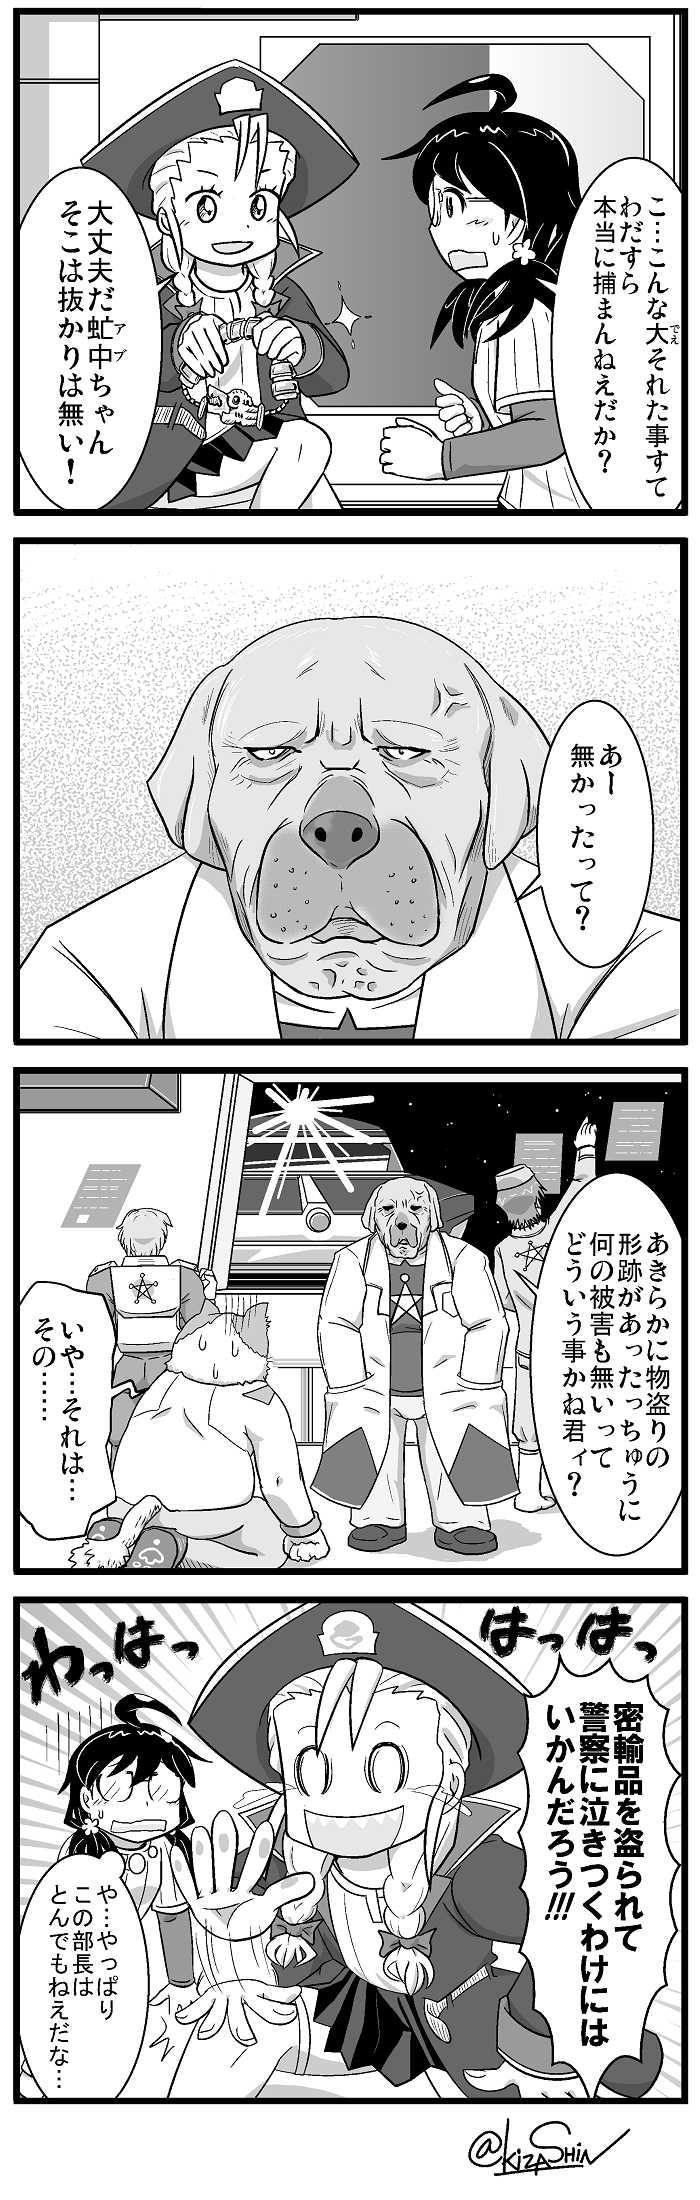 第14話「マユタンと部活動・実践編②」